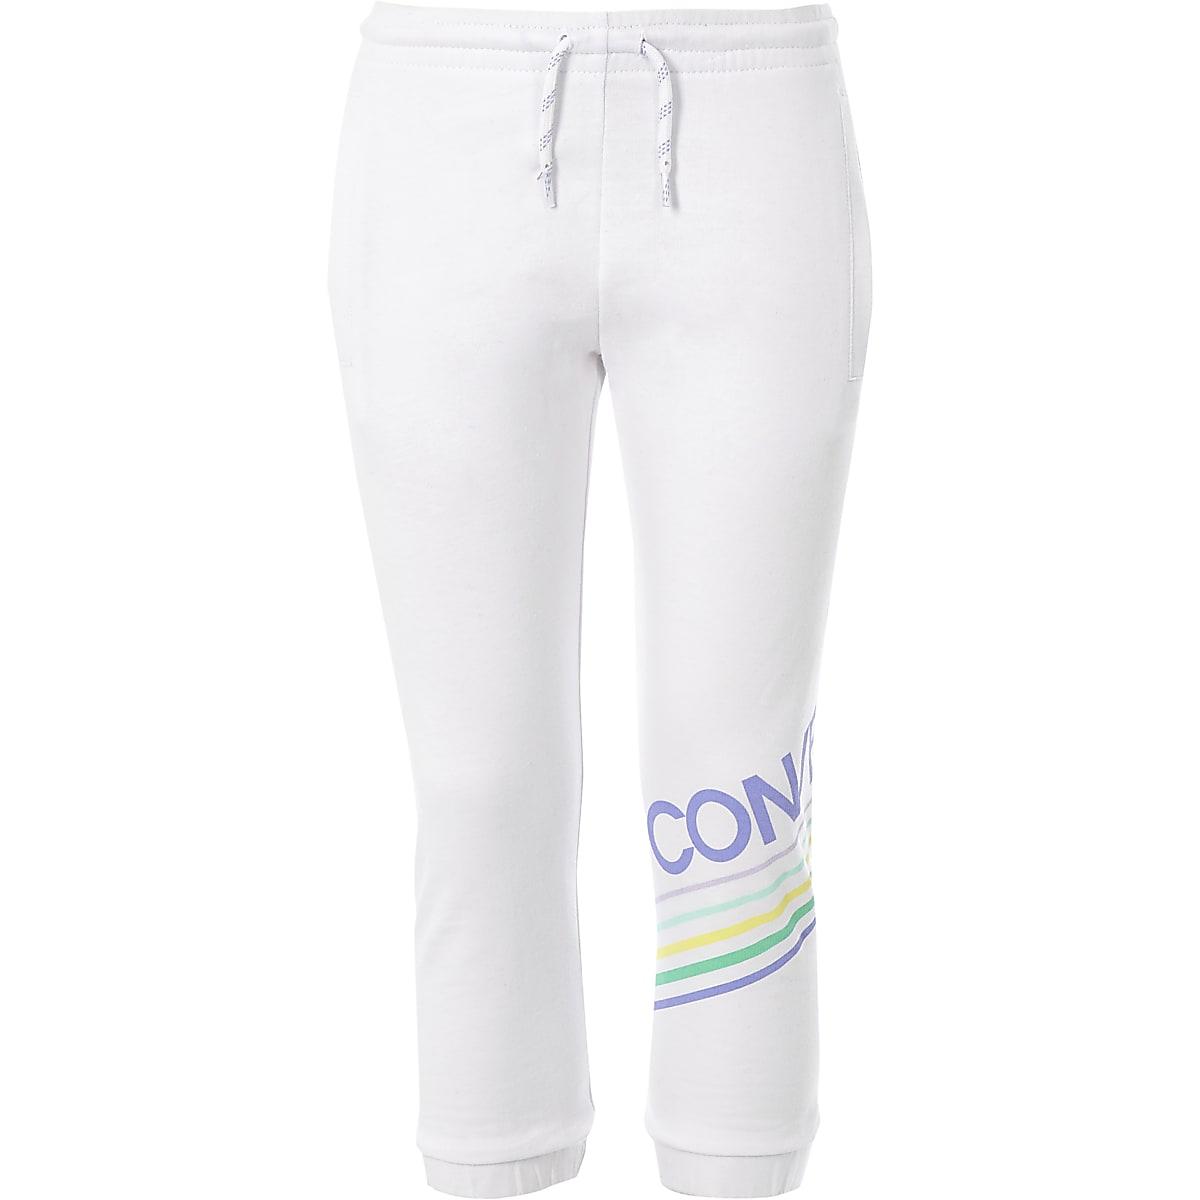 Witte joggingbroek met Converse-logo voor meisjes